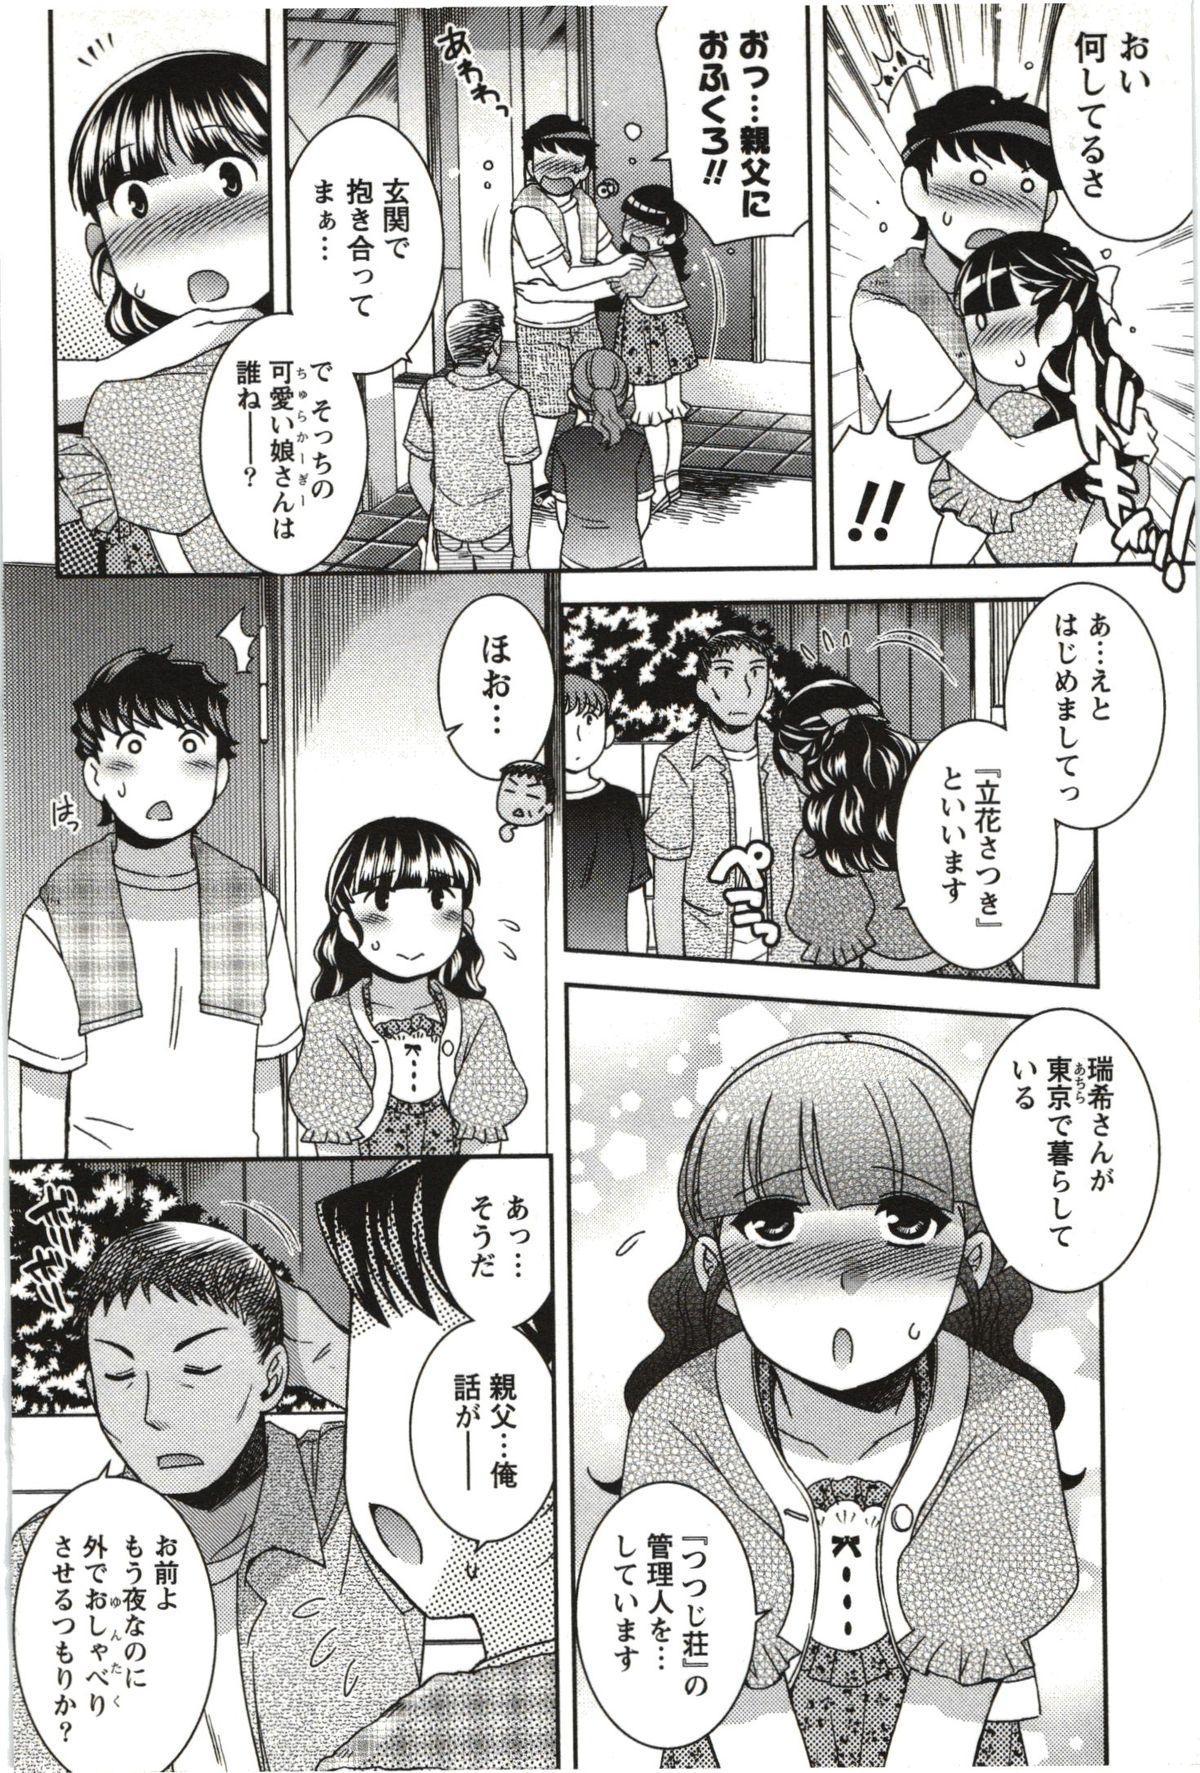 Tsutsujisou no ■■ na Hitobito 176